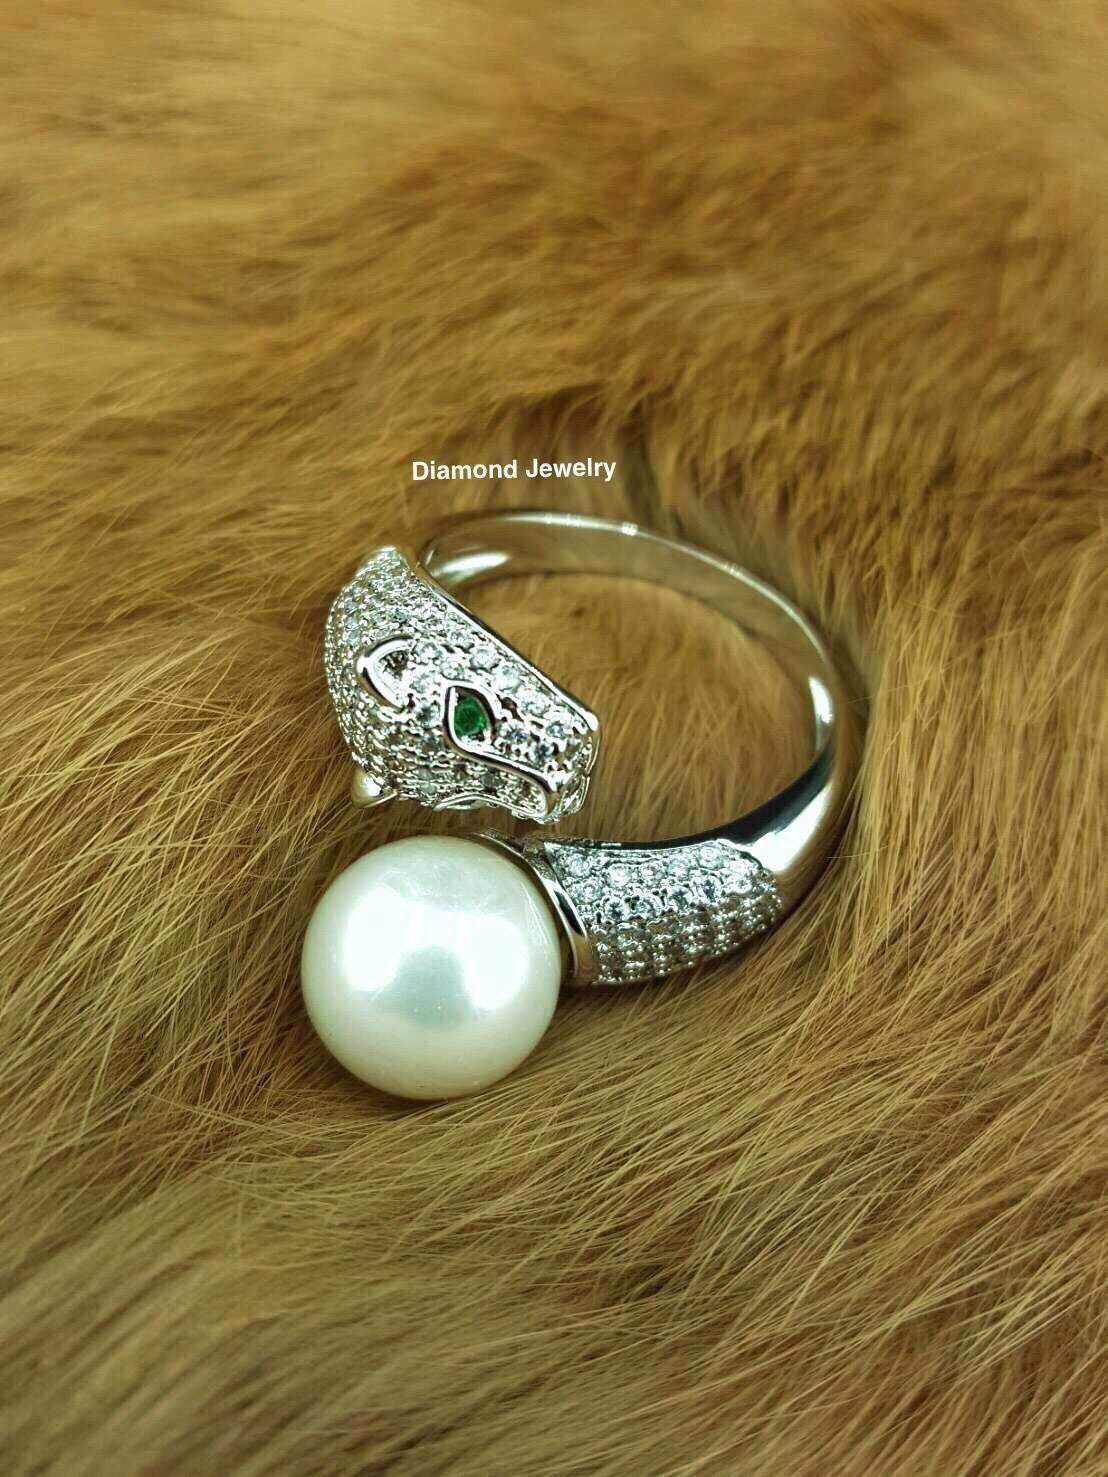 พร้อมส่งแหวนคาเทียร์หัวเสือประดับมุกงานสวยมากๆค